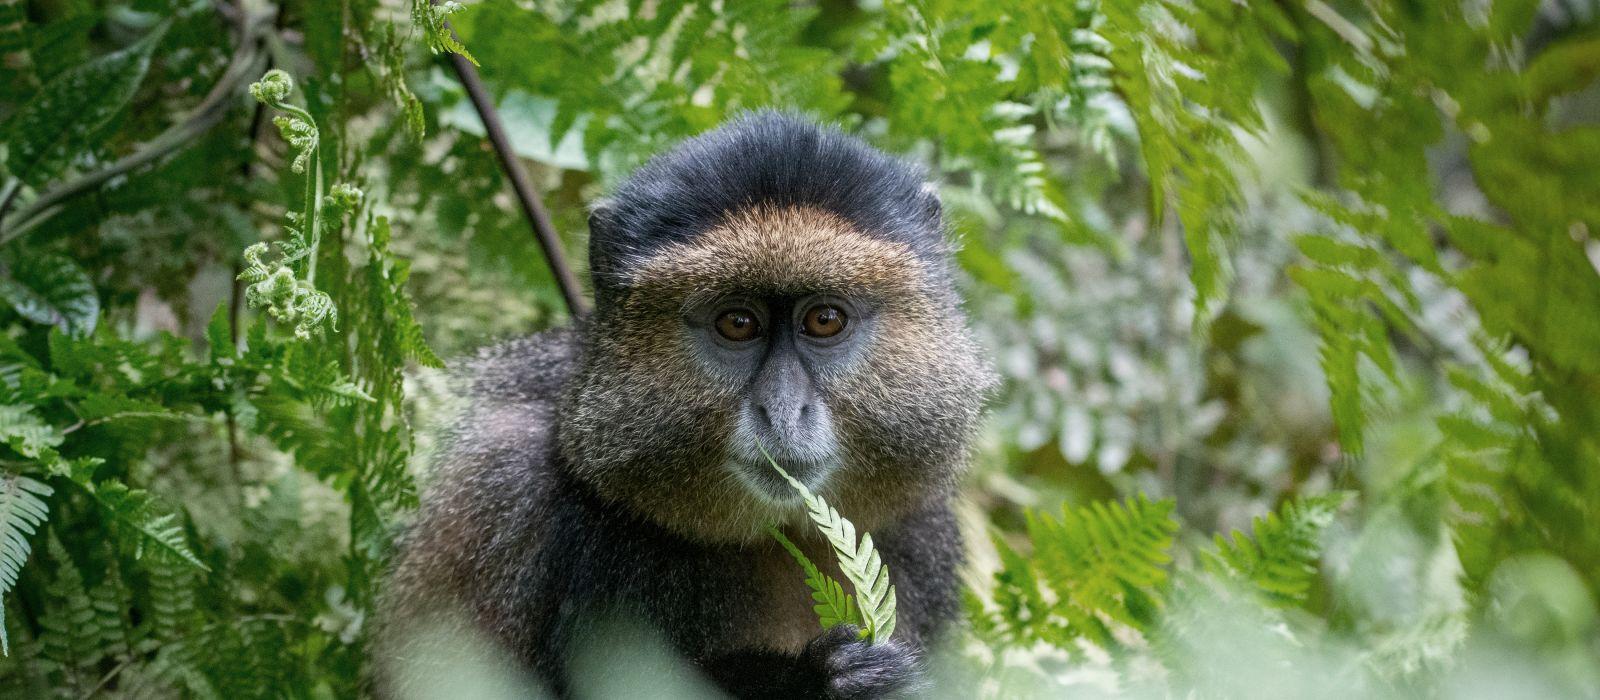 Portrait of a golden monkey eating leaves in Volcanoes National Park, Rwanda, Africa